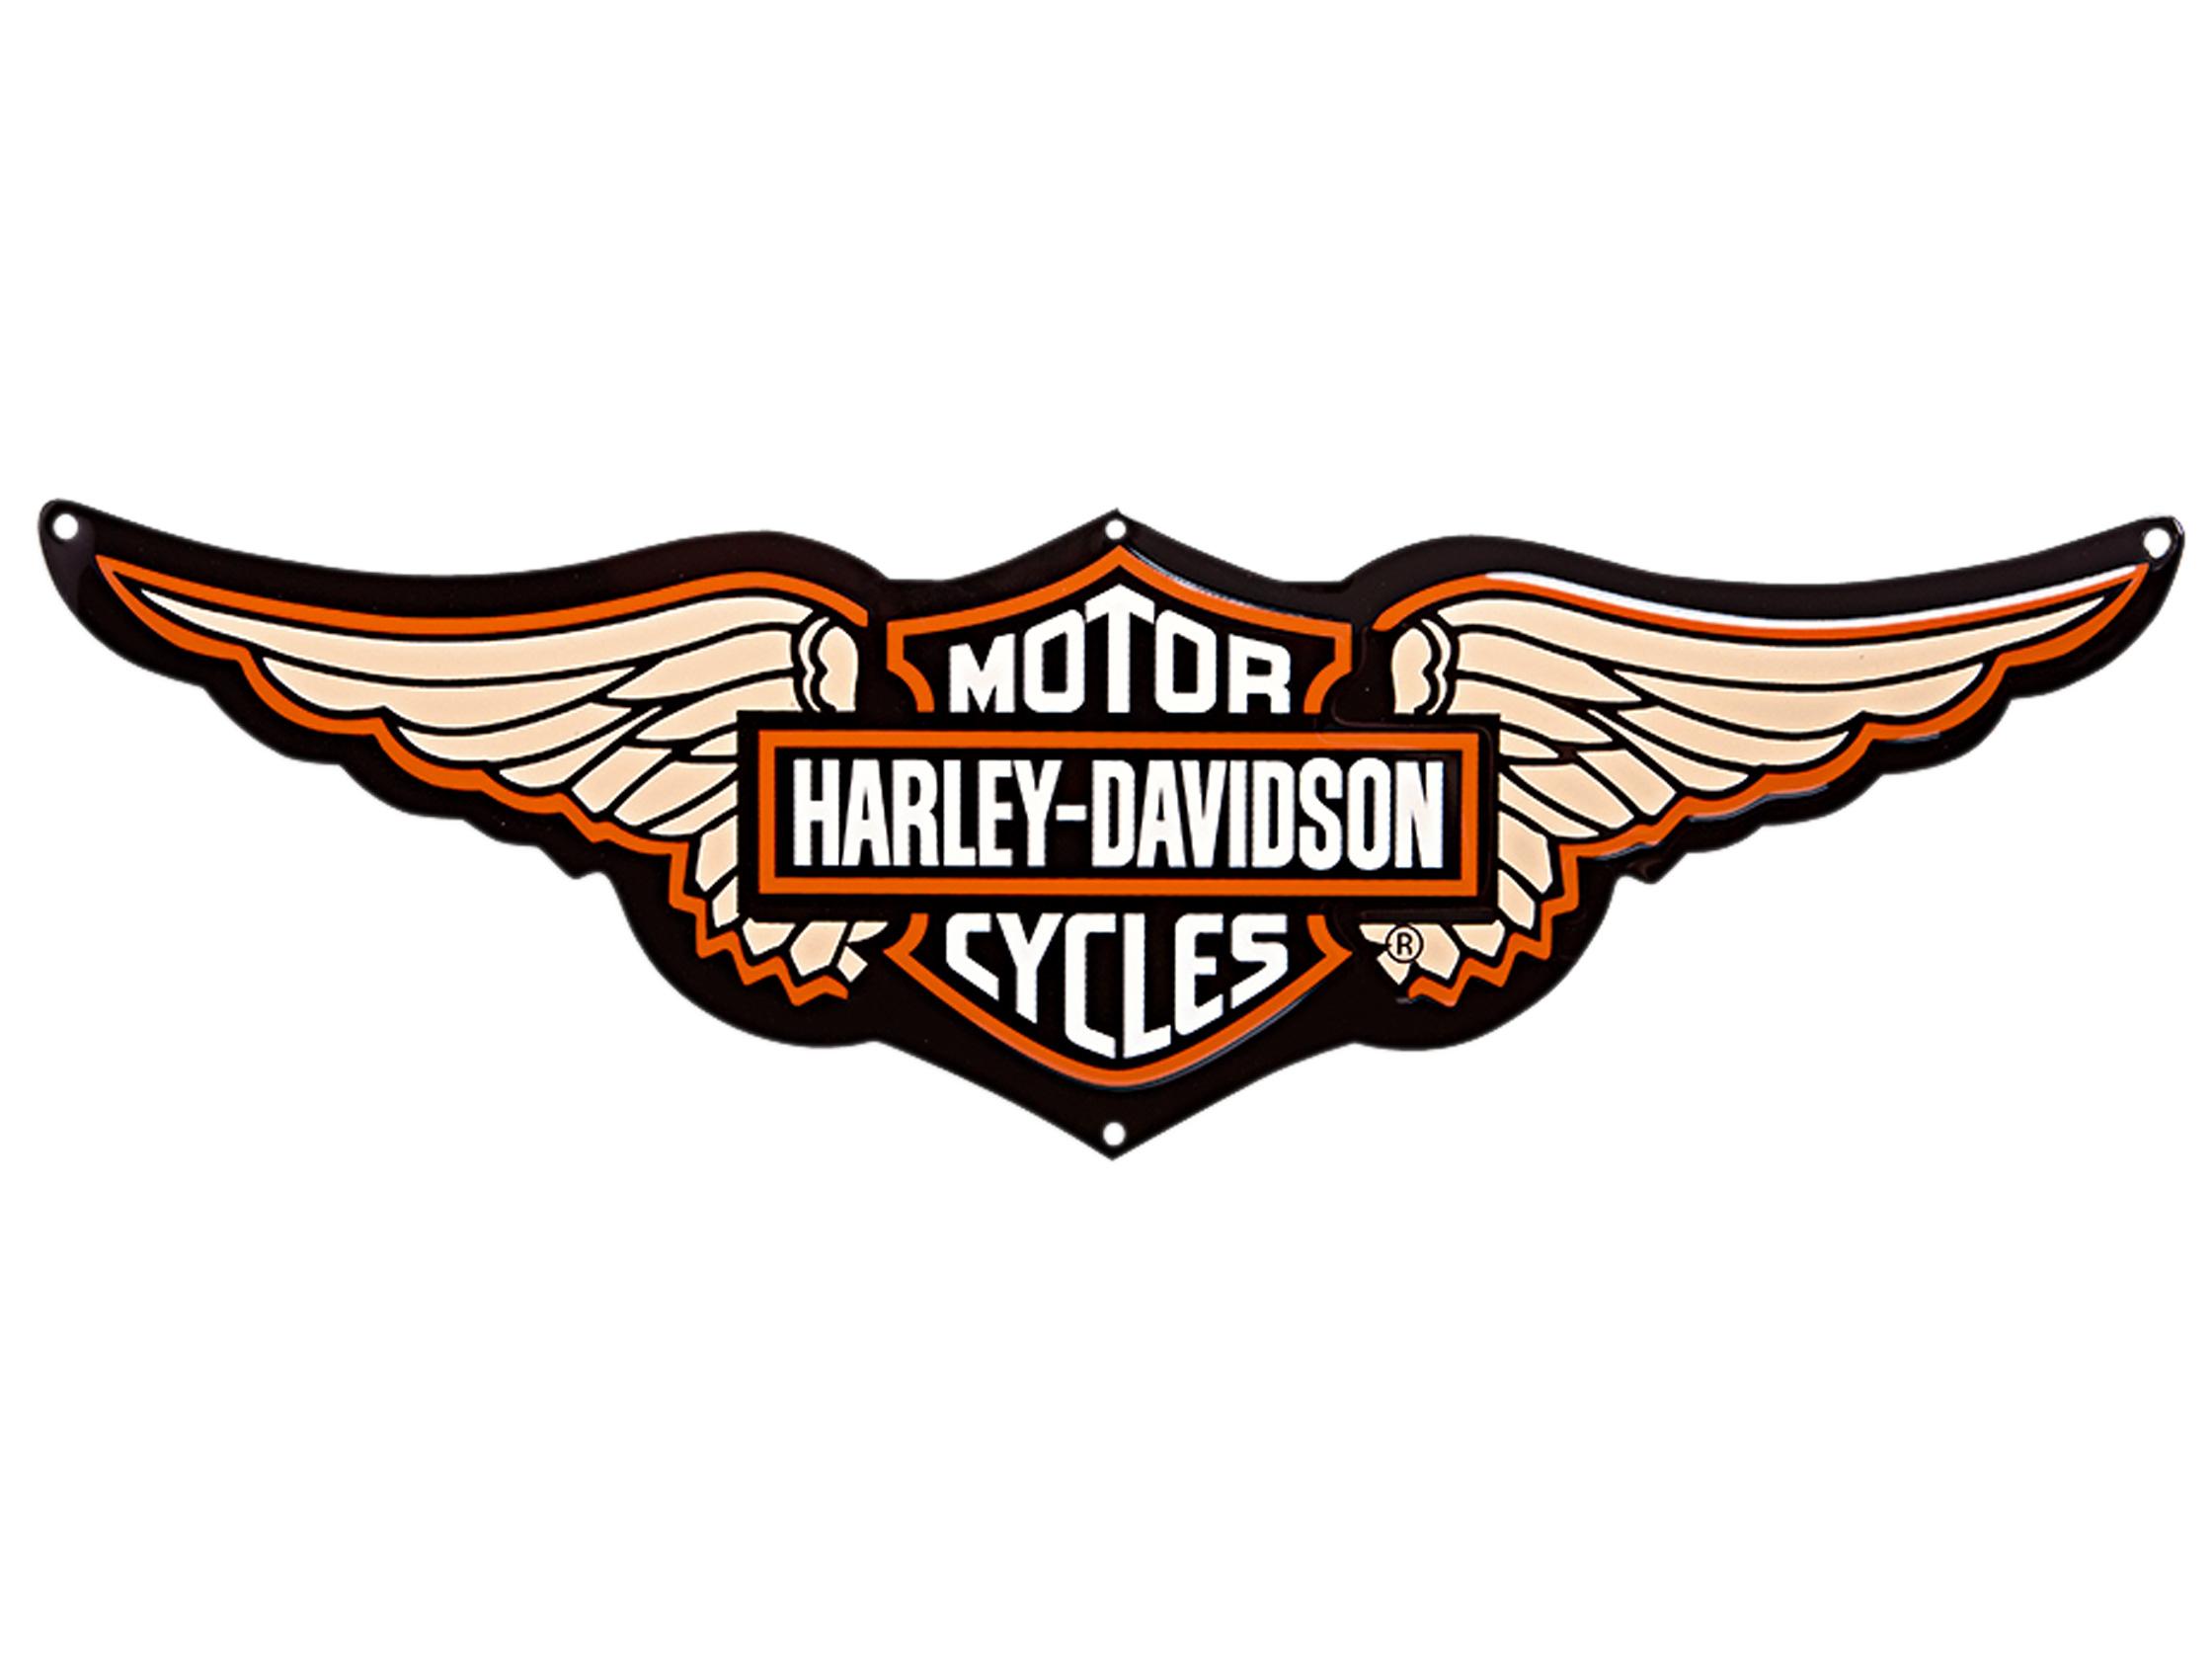 Harley Davidson Logo Vector Png Hdpng.com 2240 - Harley Davidson Vector, Transparent background PNG HD thumbnail